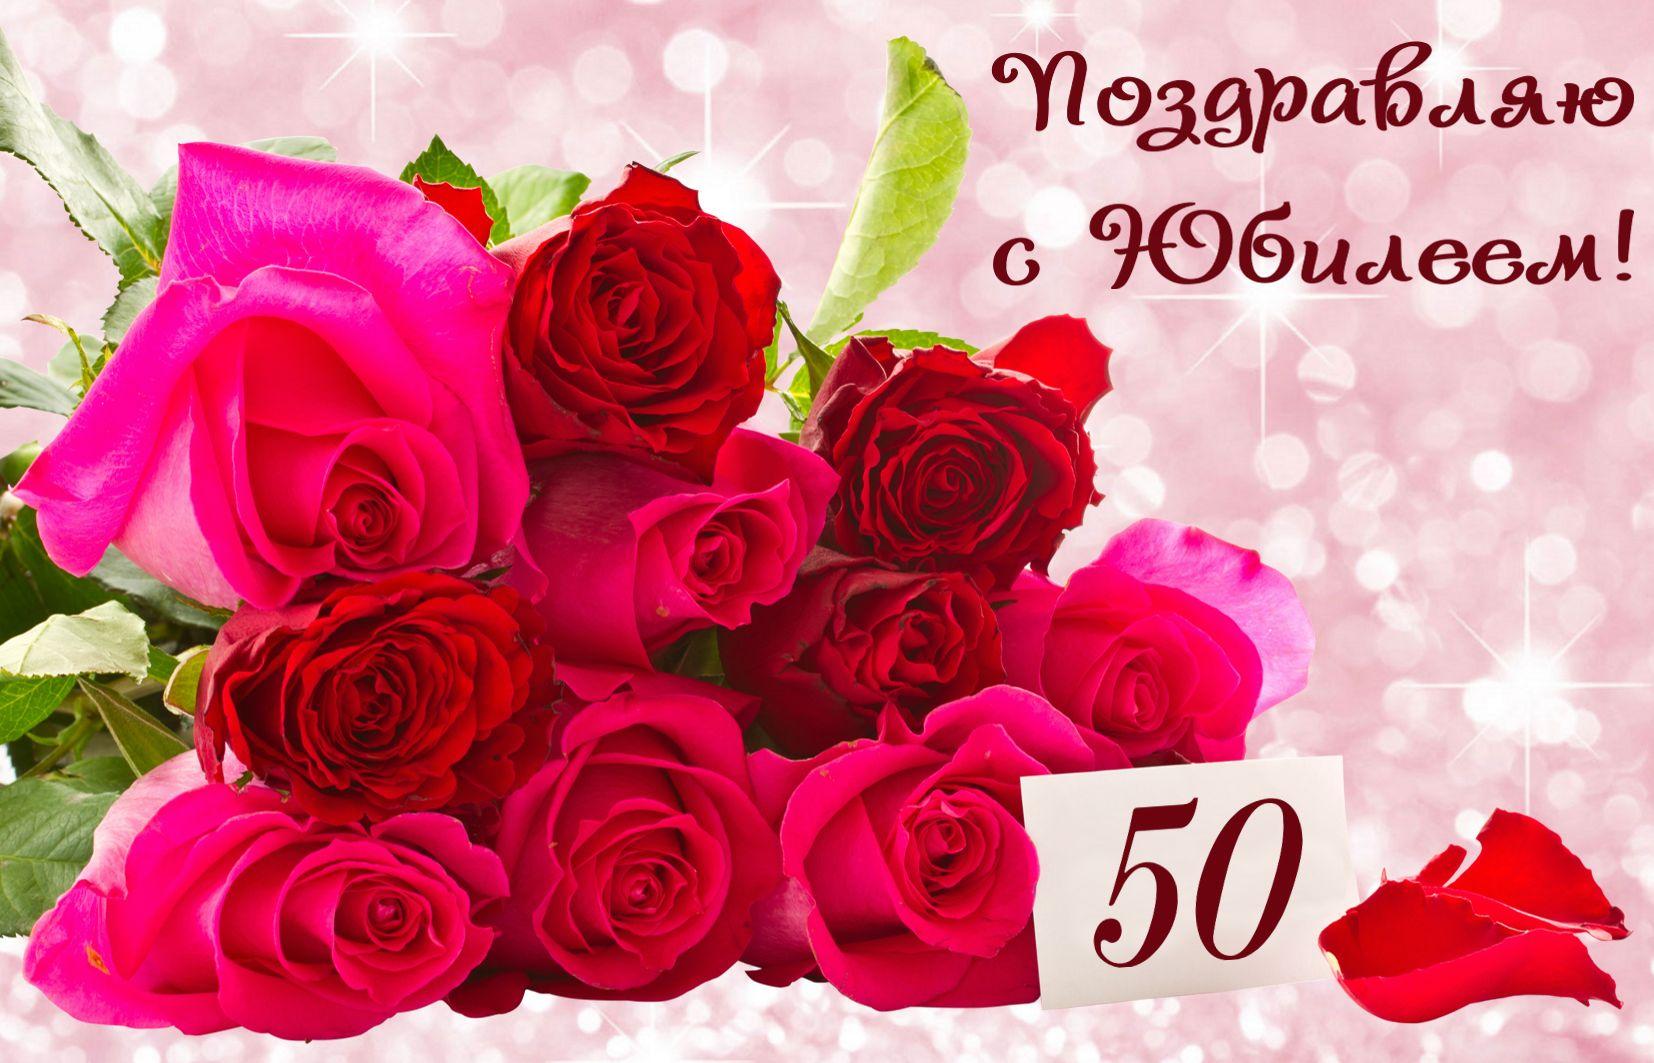 Открытка на юбилей 50 лет - красивые розы на сияющем фоне